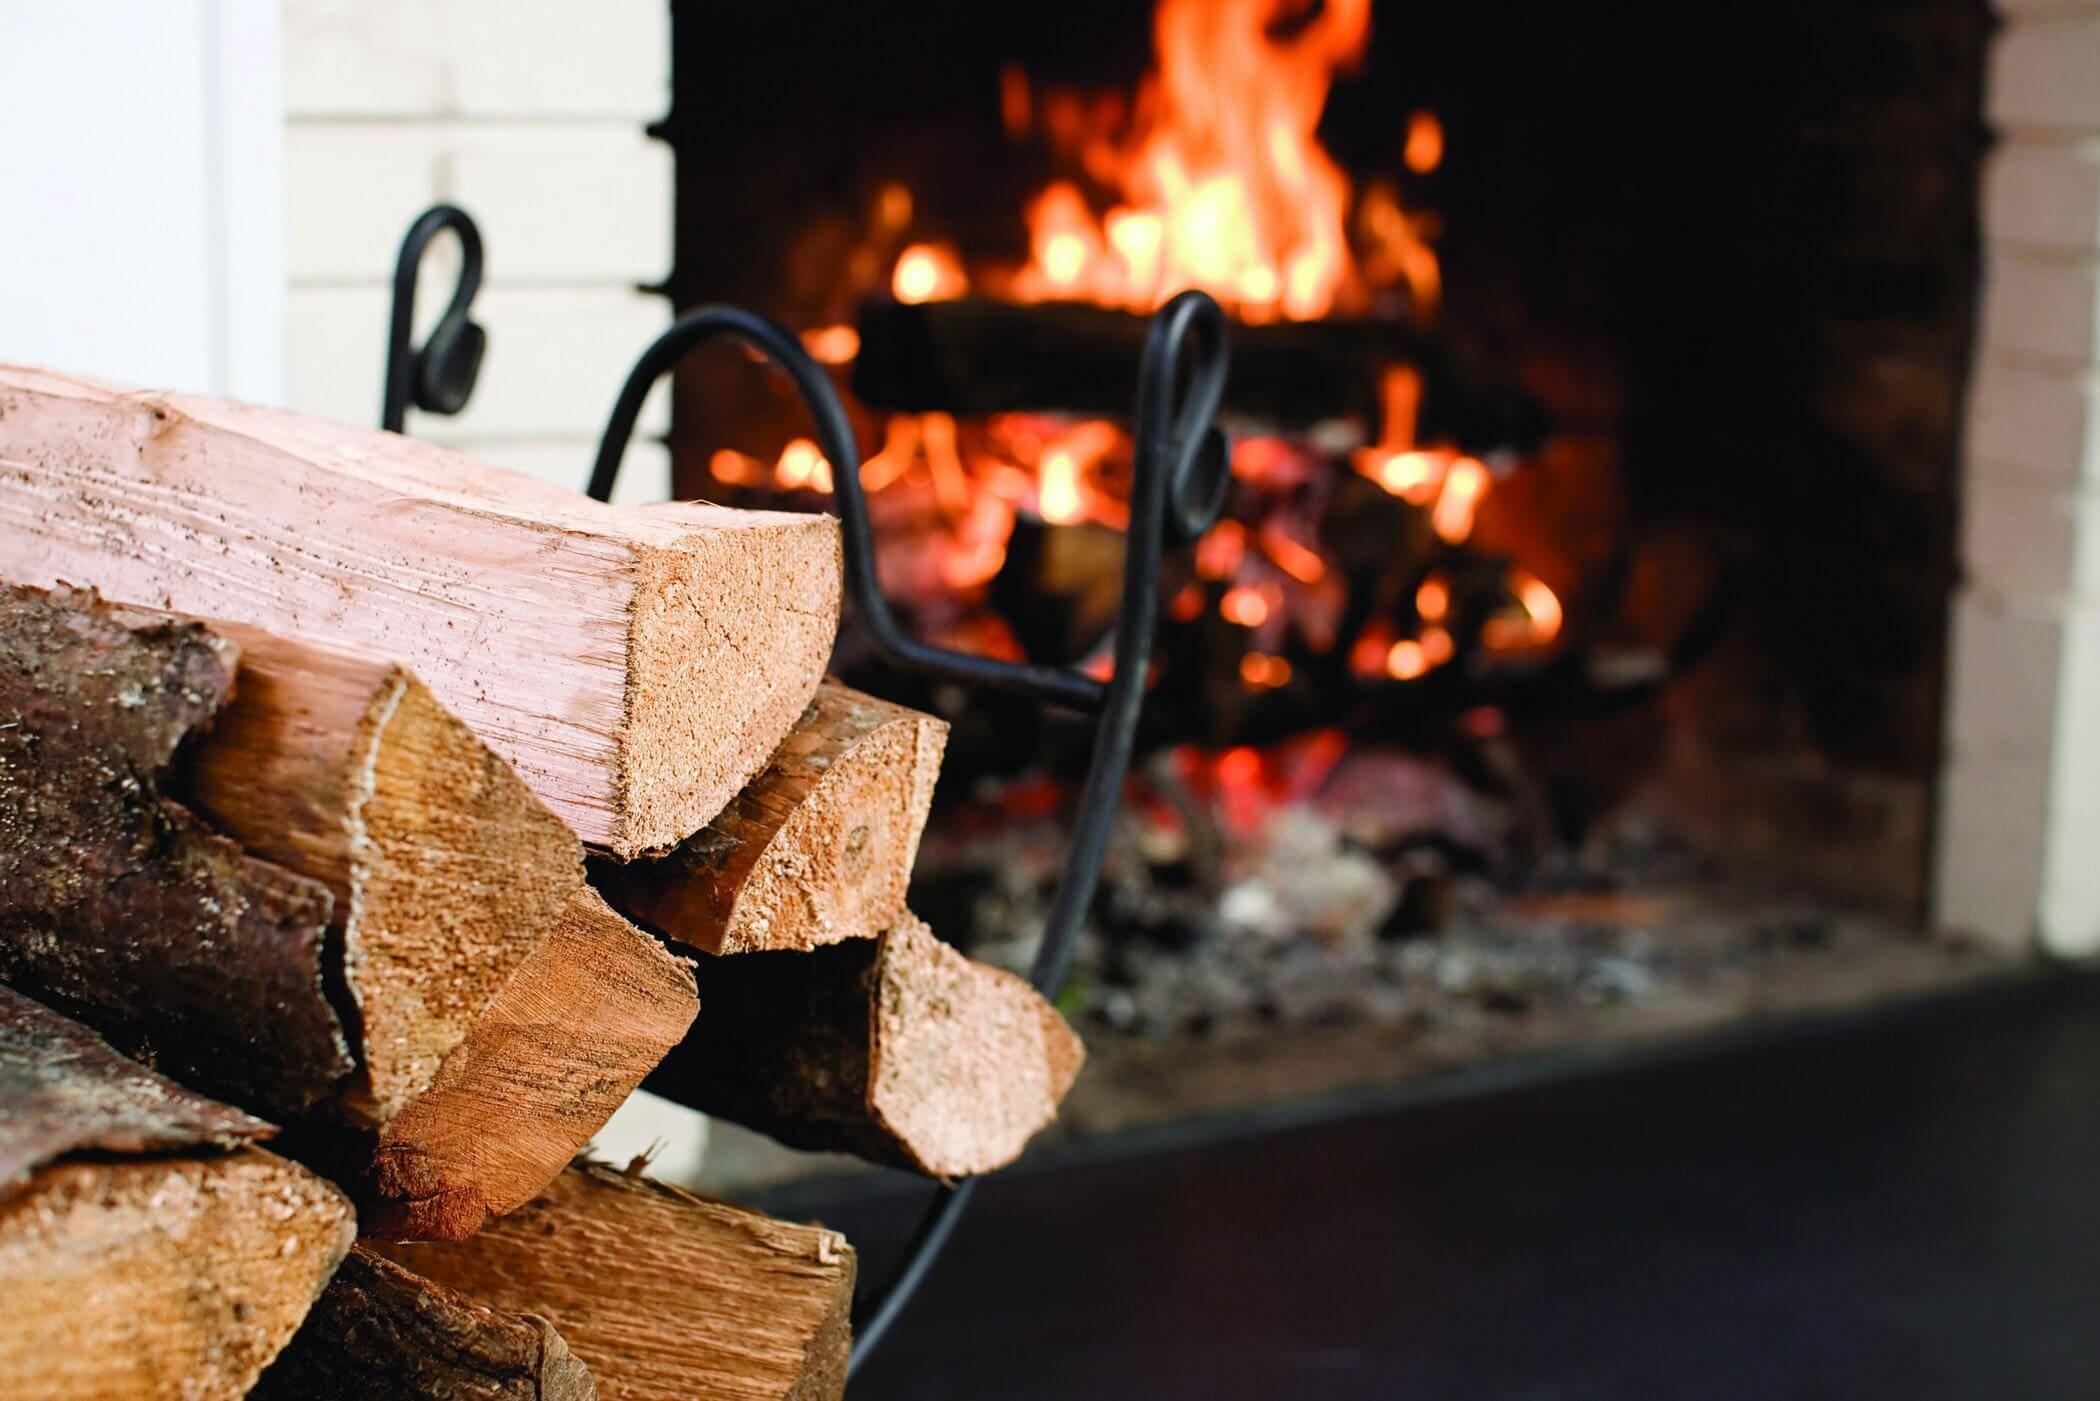 Выбираем дрова для камина - какие лучше и практичнее